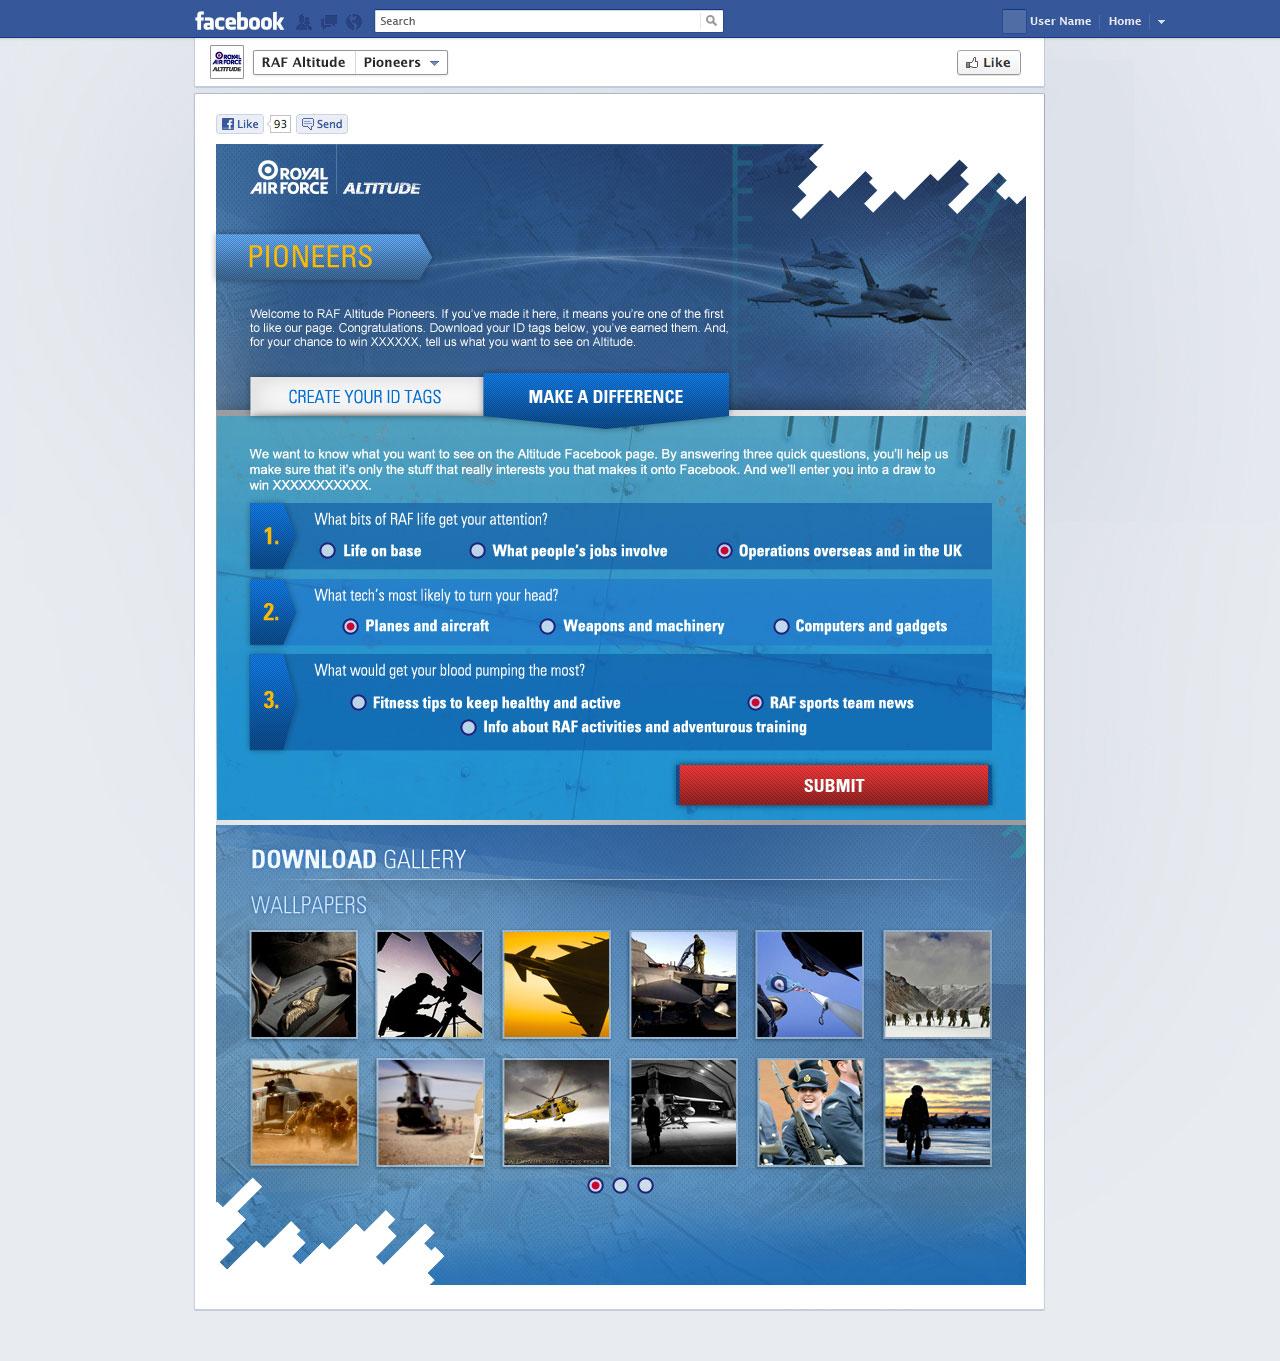 RAF_Altitude_HaveSay